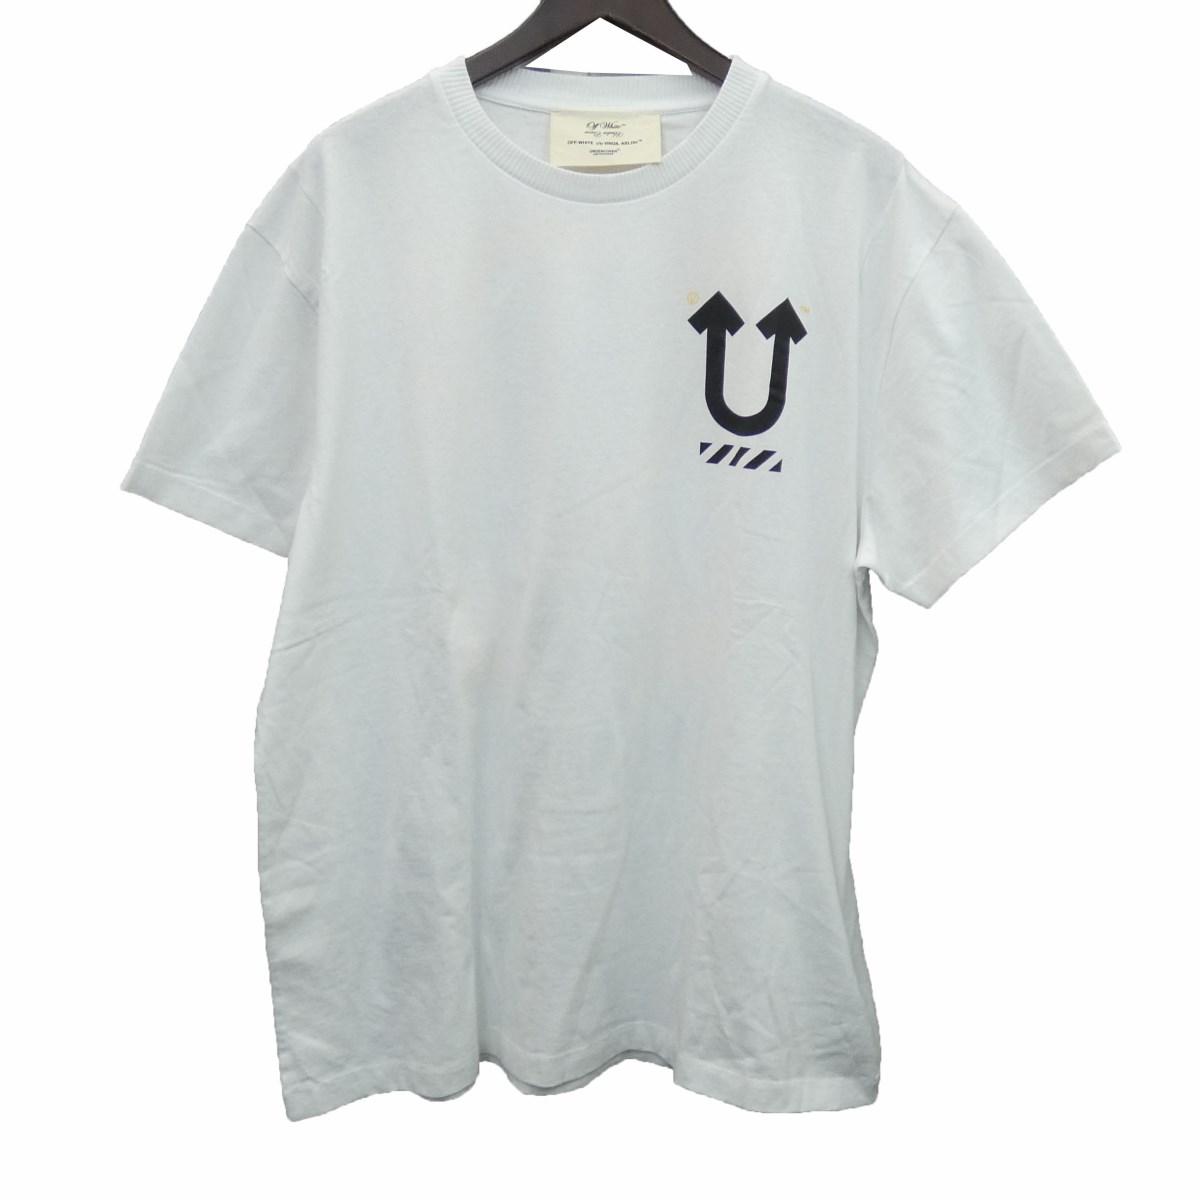 【中古】OFF WHITE × UNDER COVER 19AW「UC SKELETON DART S/S T-SHIRT」スカルアローロゴTシャツ 【196706】 【KIND1884】